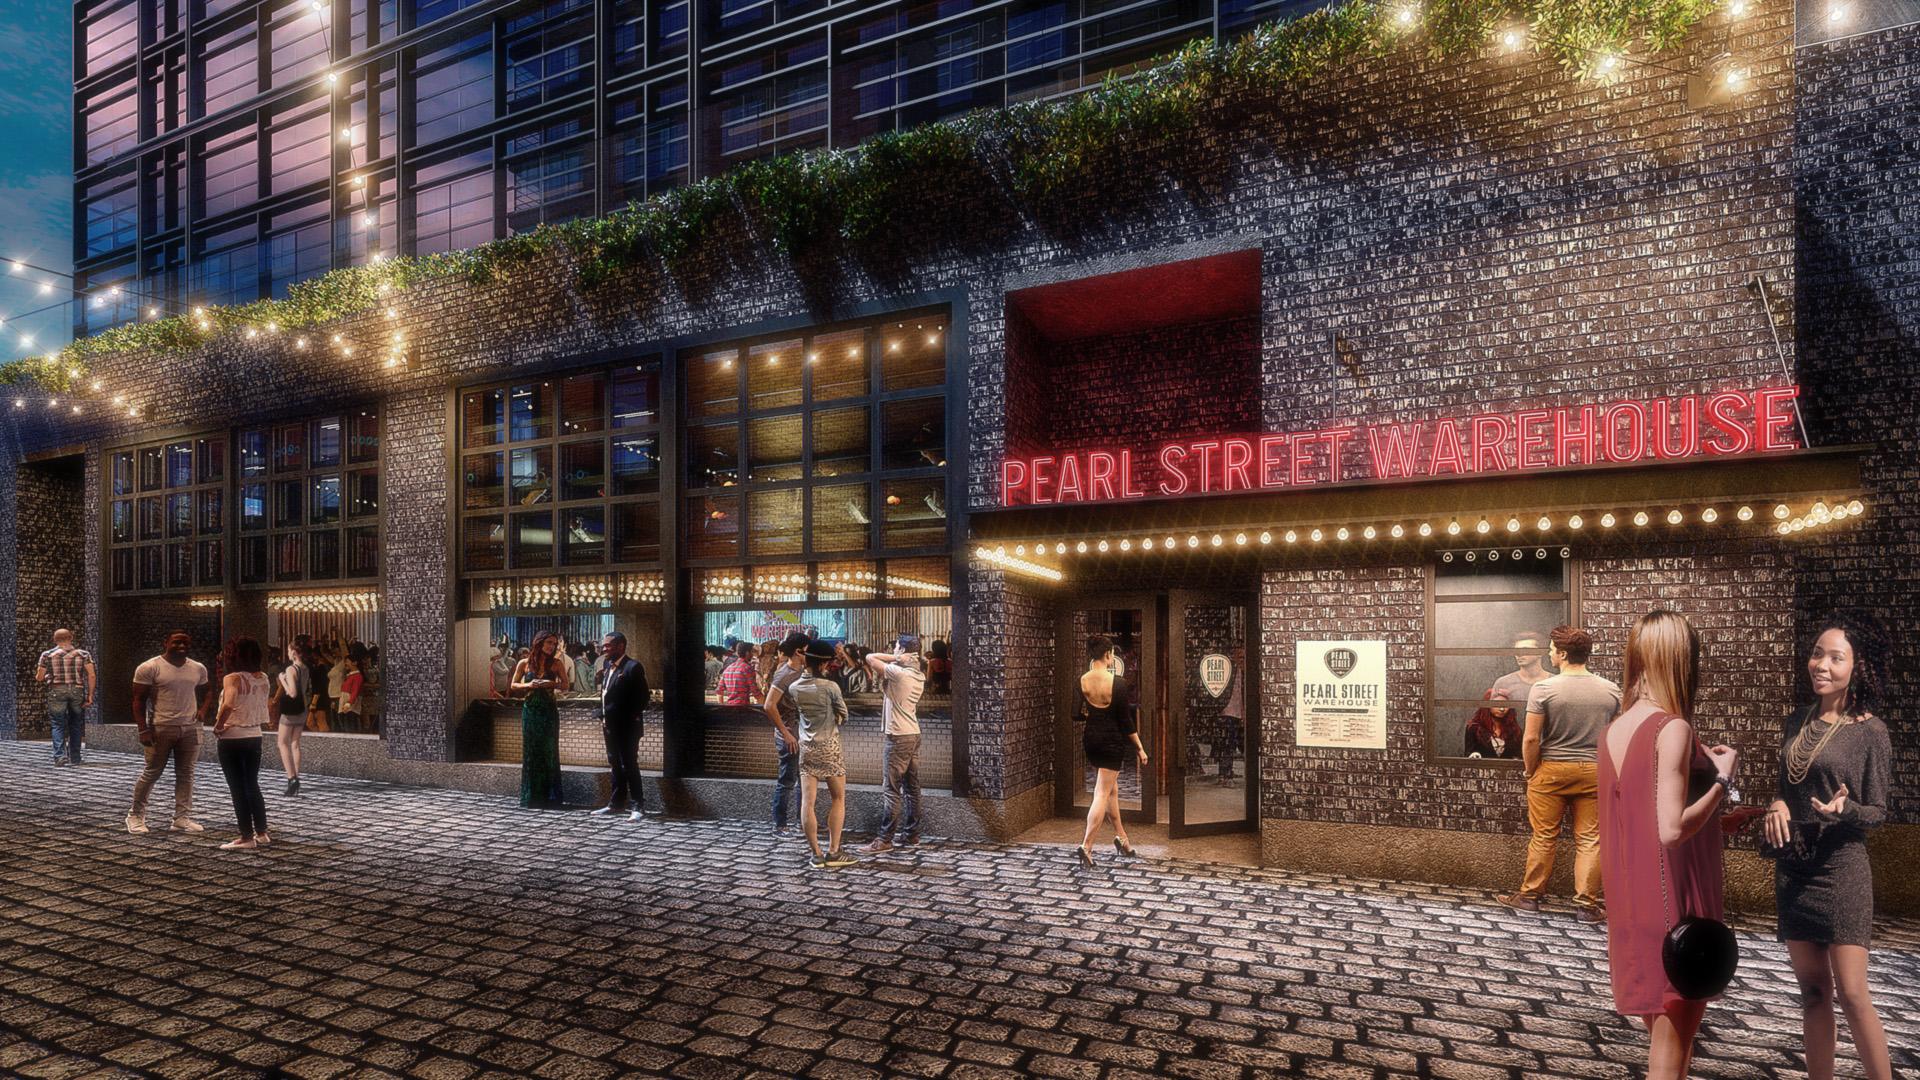 Wharf - Pearl street